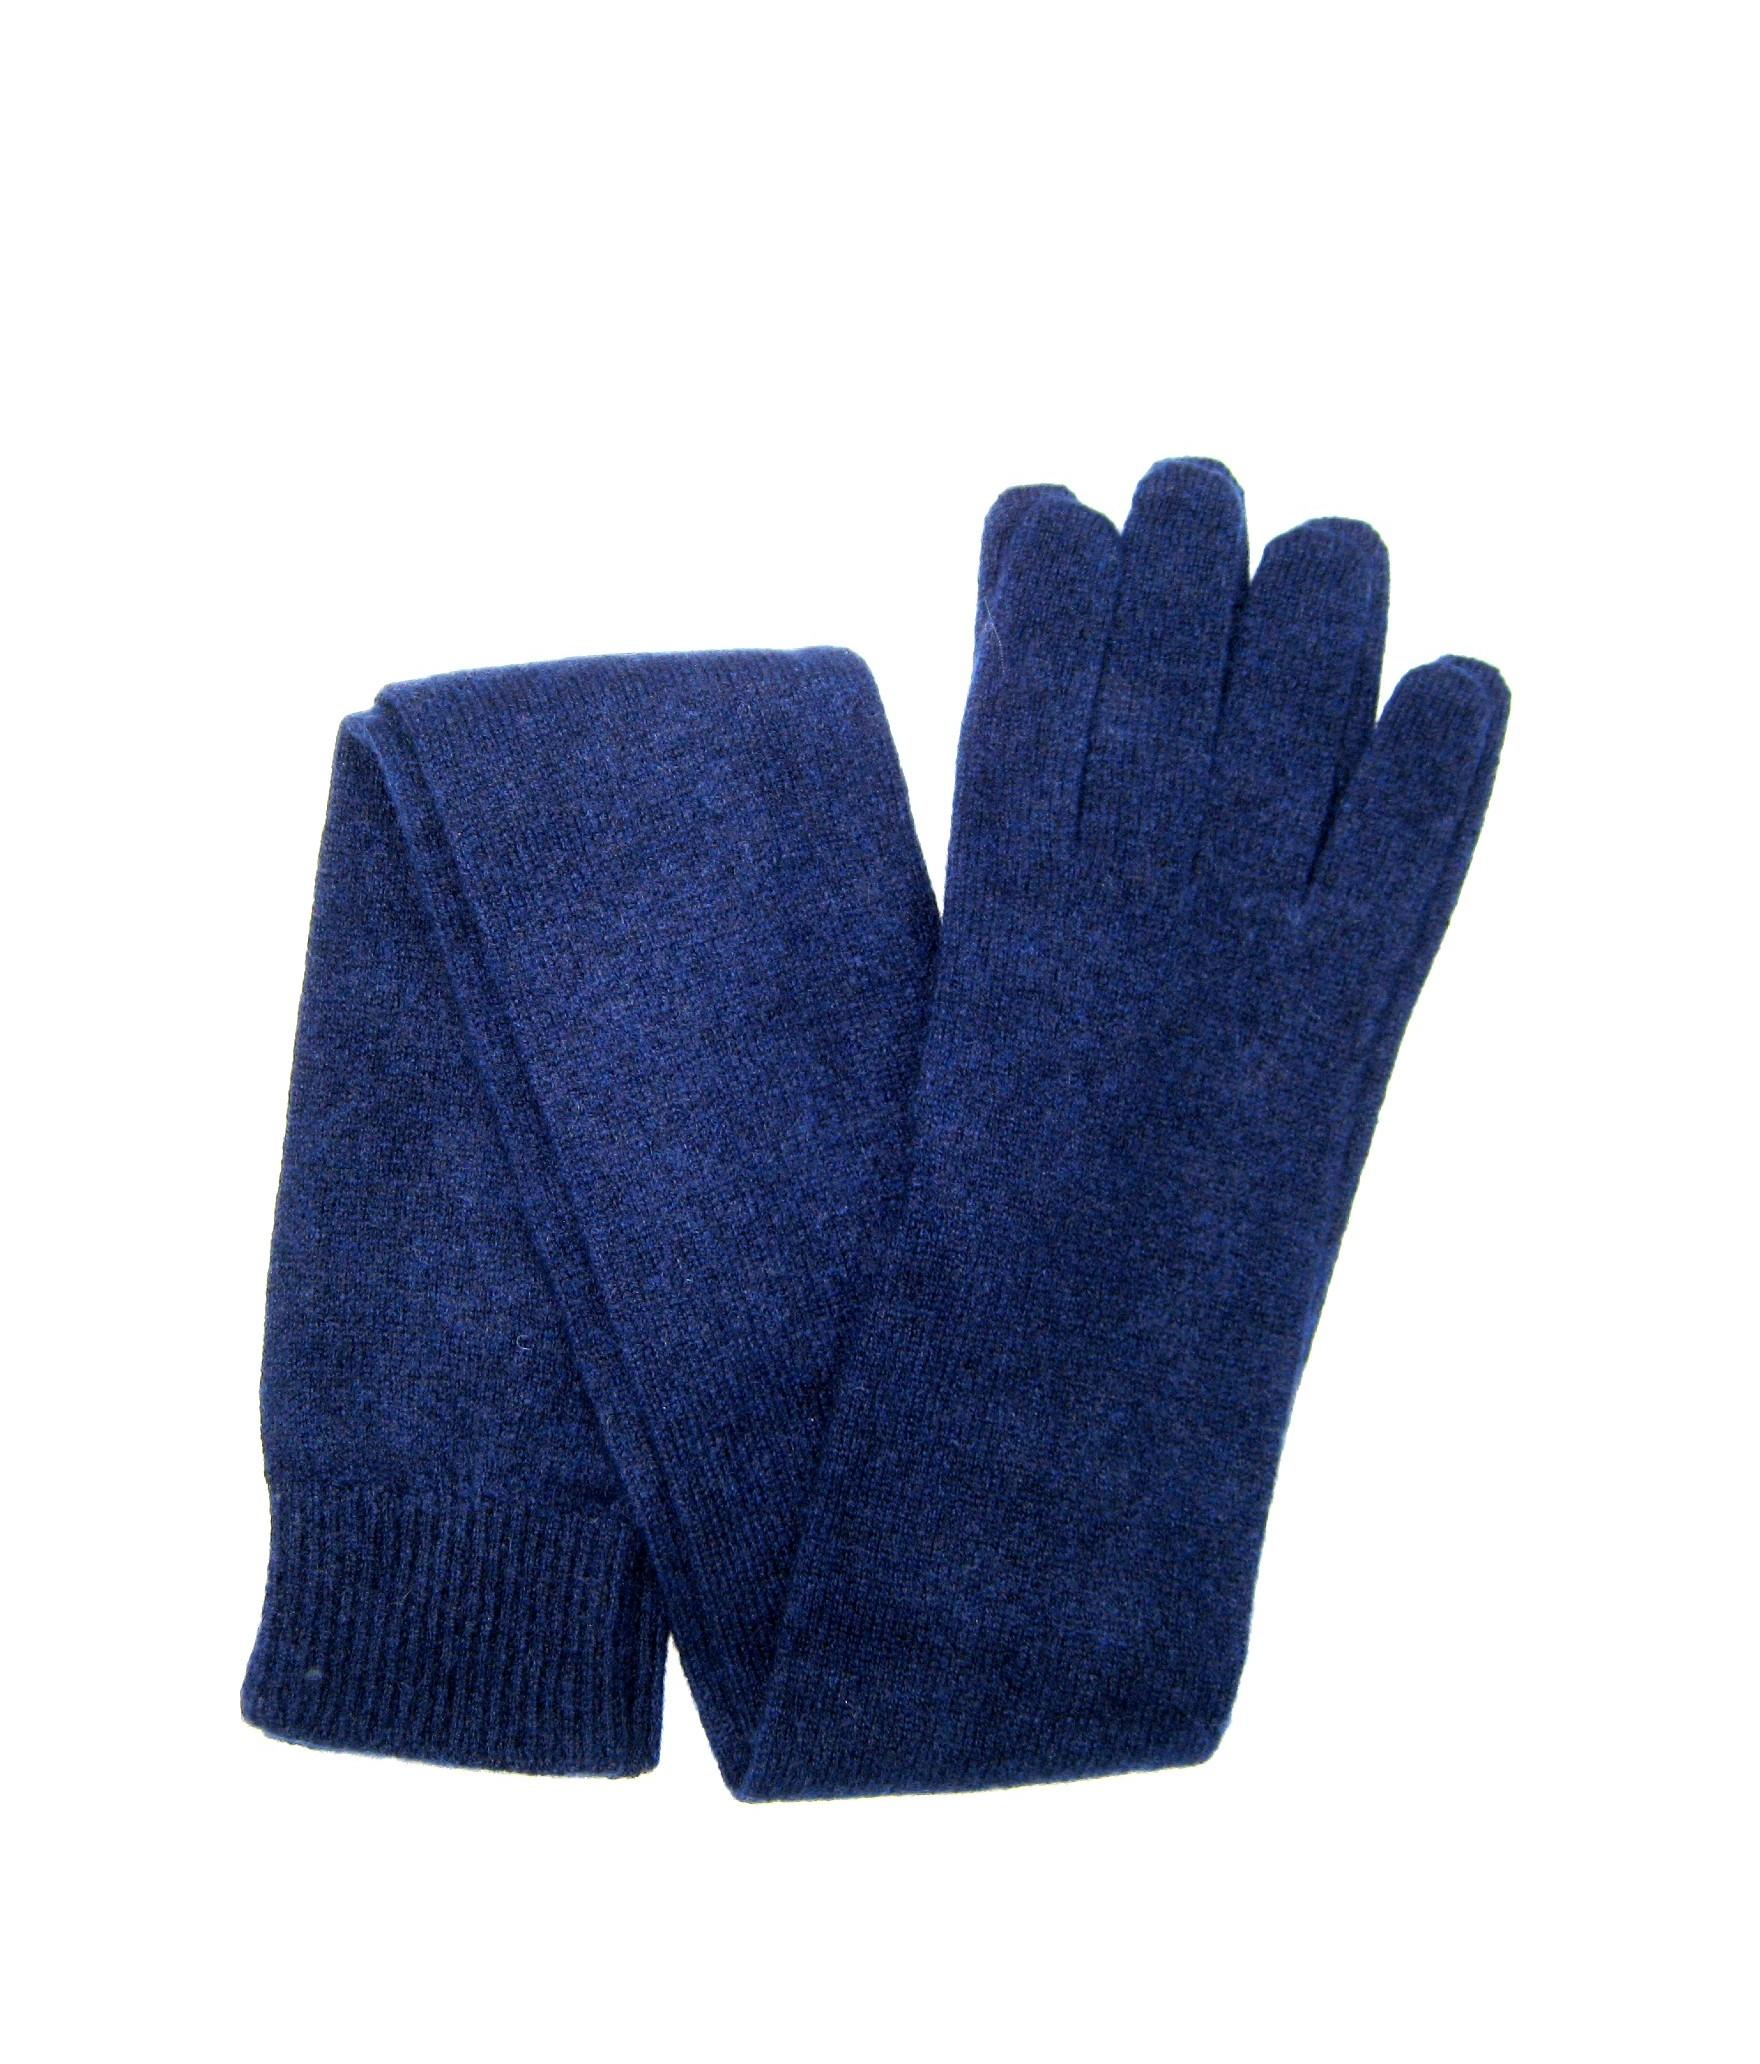 100%cashmere gloves 16bt Blue/Navy Sermoneta Gloves Leather